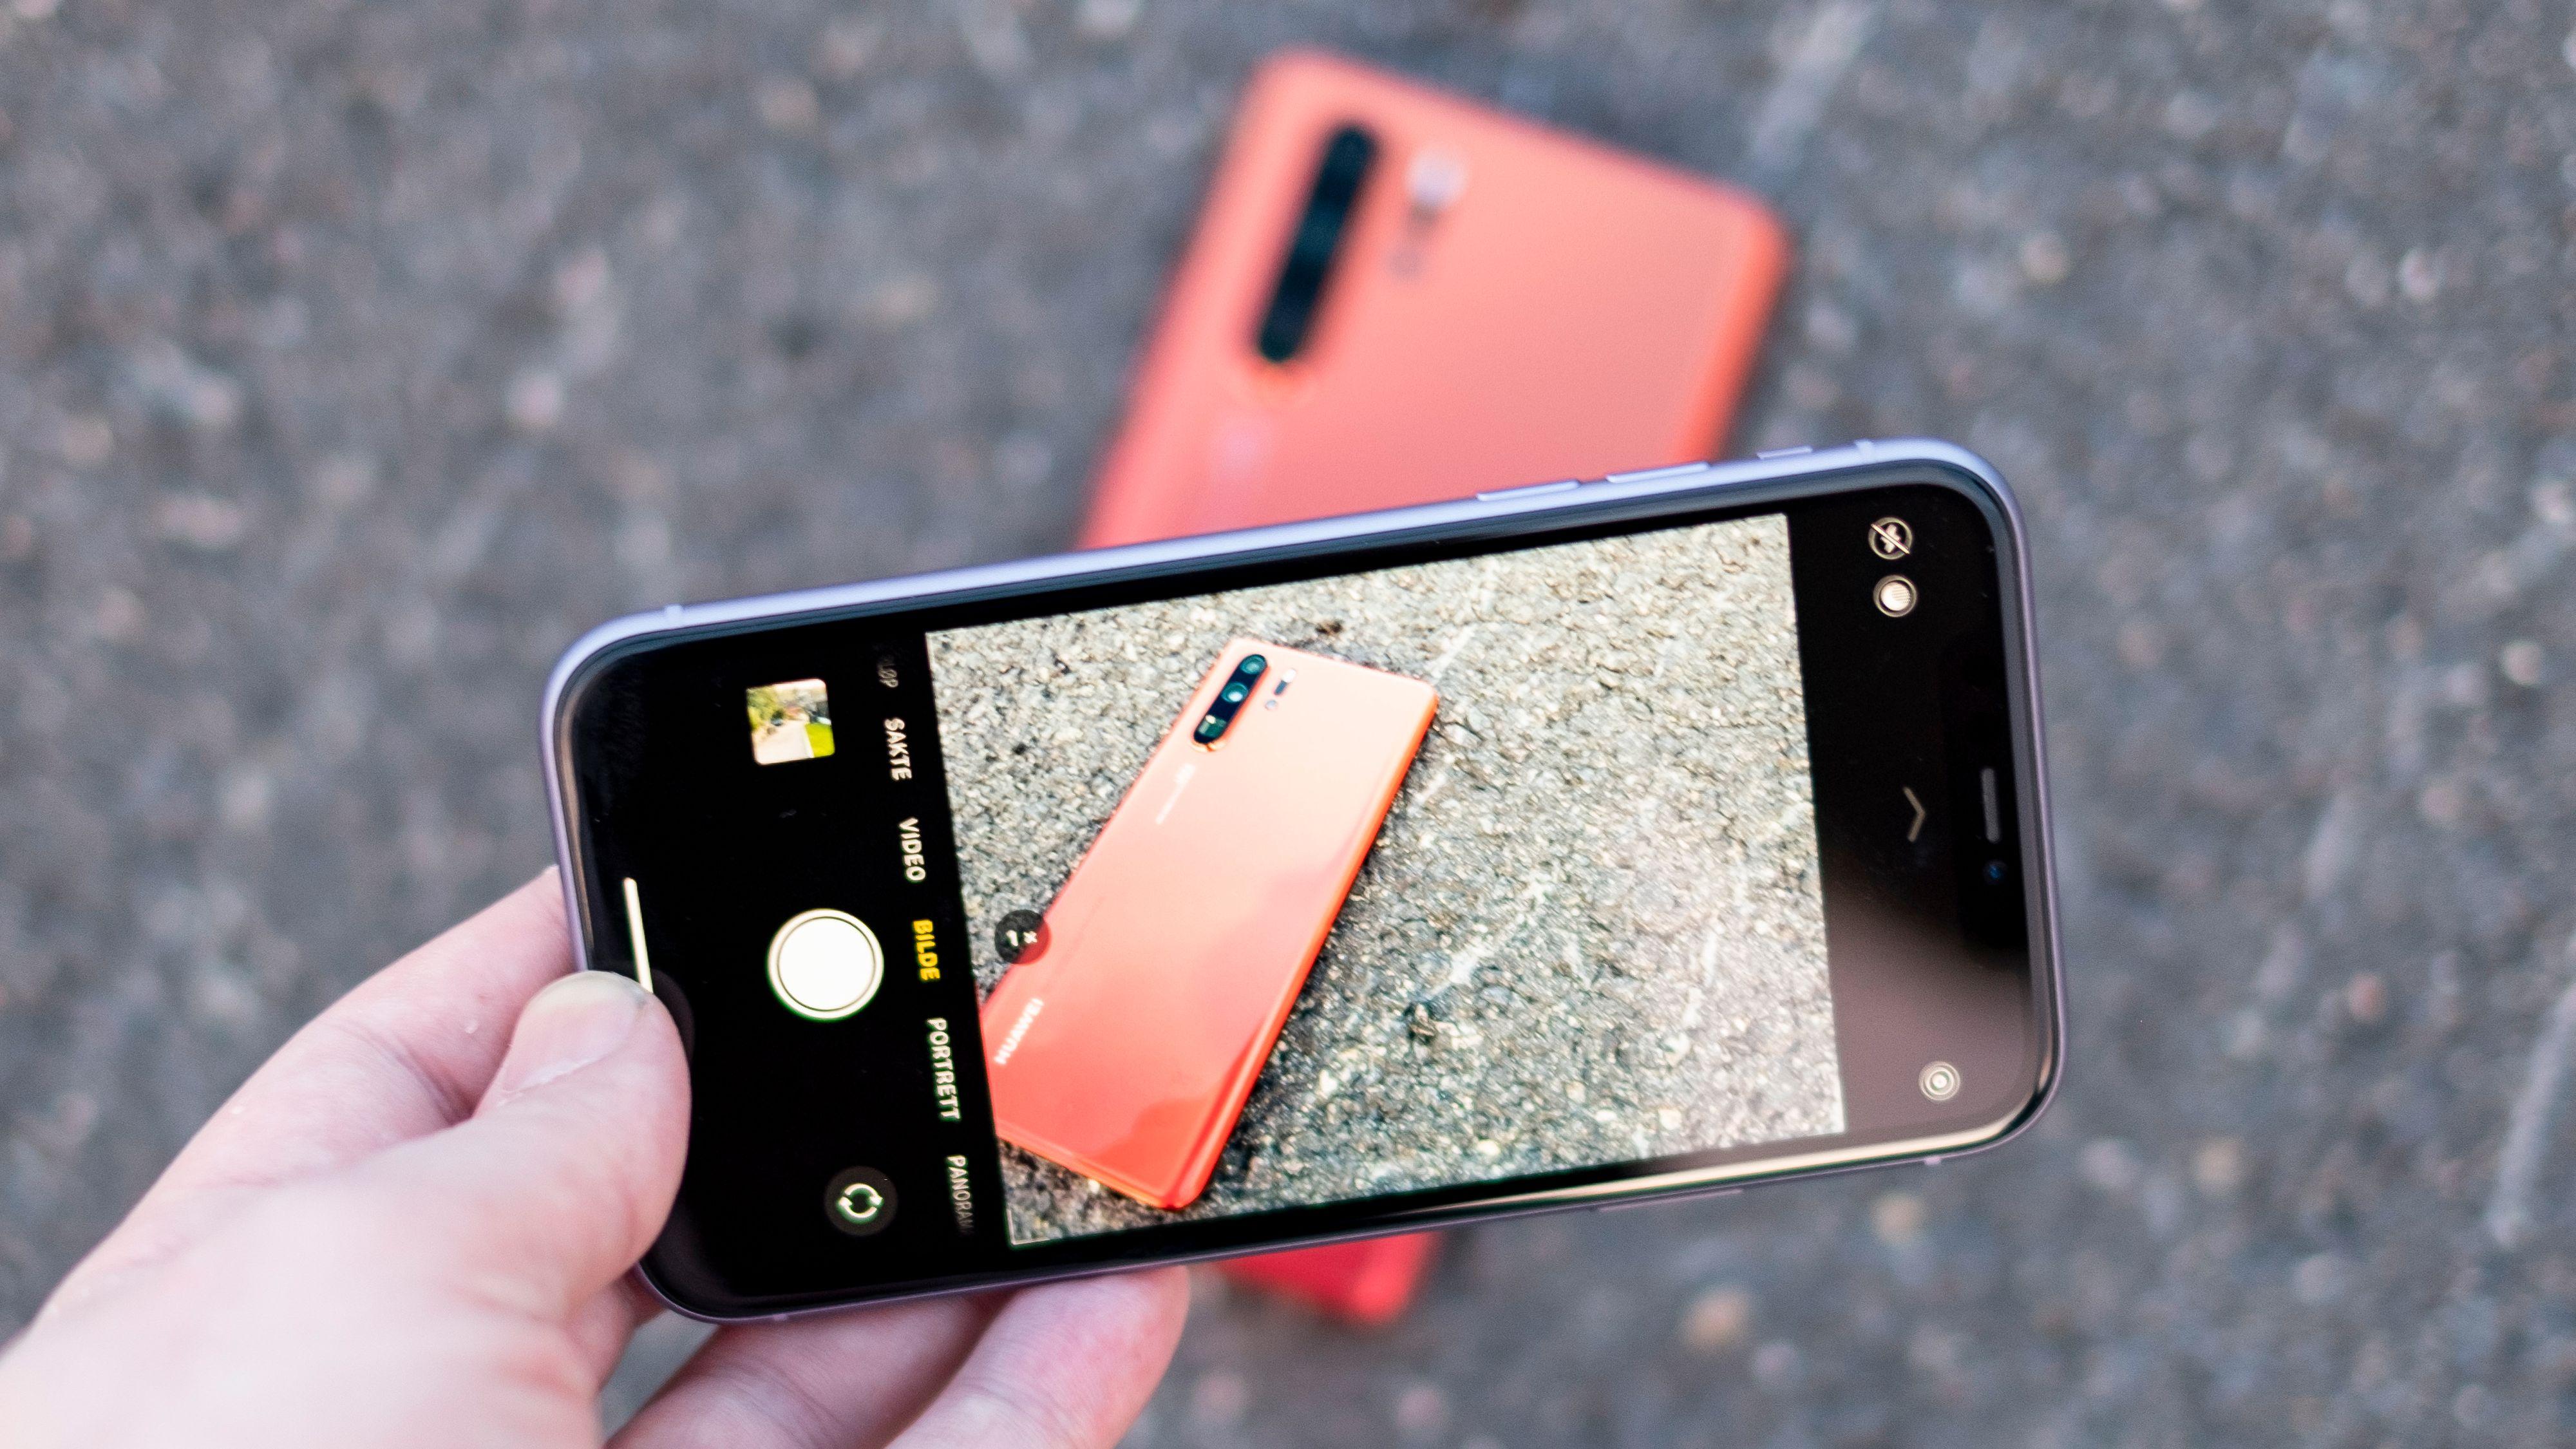 Huawei har vært kongen på kameramobilhaugen de siste årene, mens Apple har hengt ganske langt bak. Det snus på hodet med denne høstens iPhoner. Selv om iPhone 11 «bare» har to kamera, er kvaliteten på de to akkurat like god som i Pro-modellen. Og zoom-kameraet trenger du ikke like ofte.